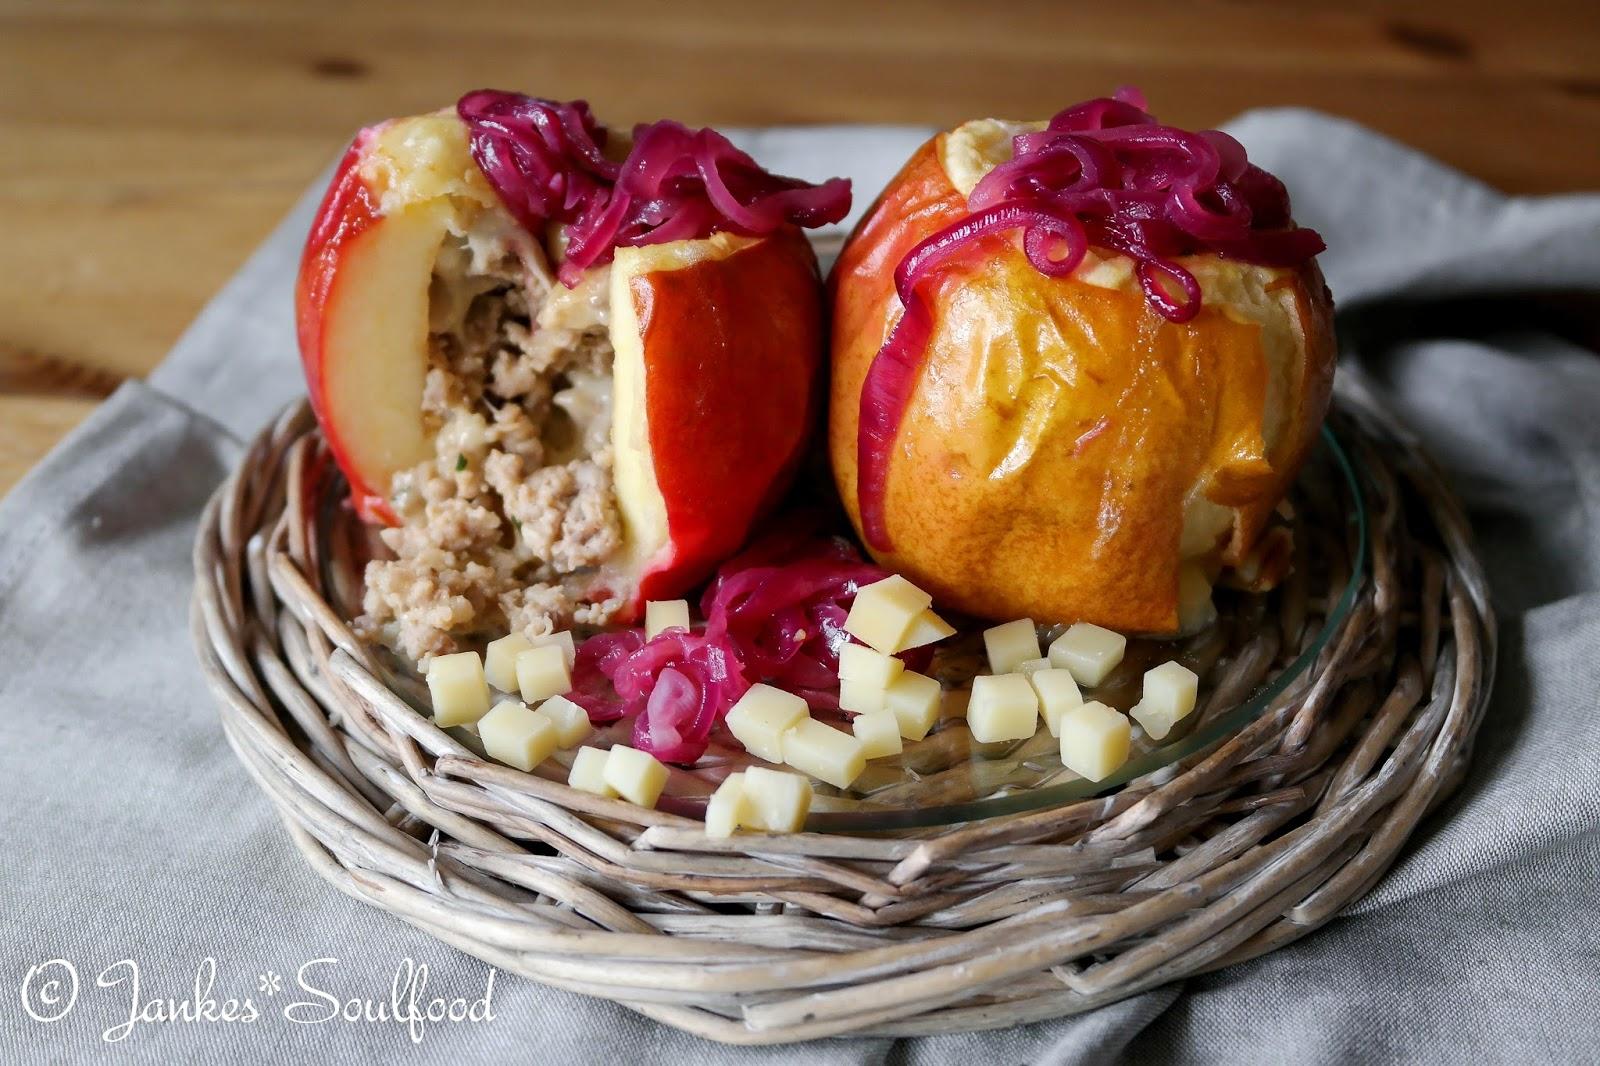 Herzhafter Bratapfel von Jankes Soulfood